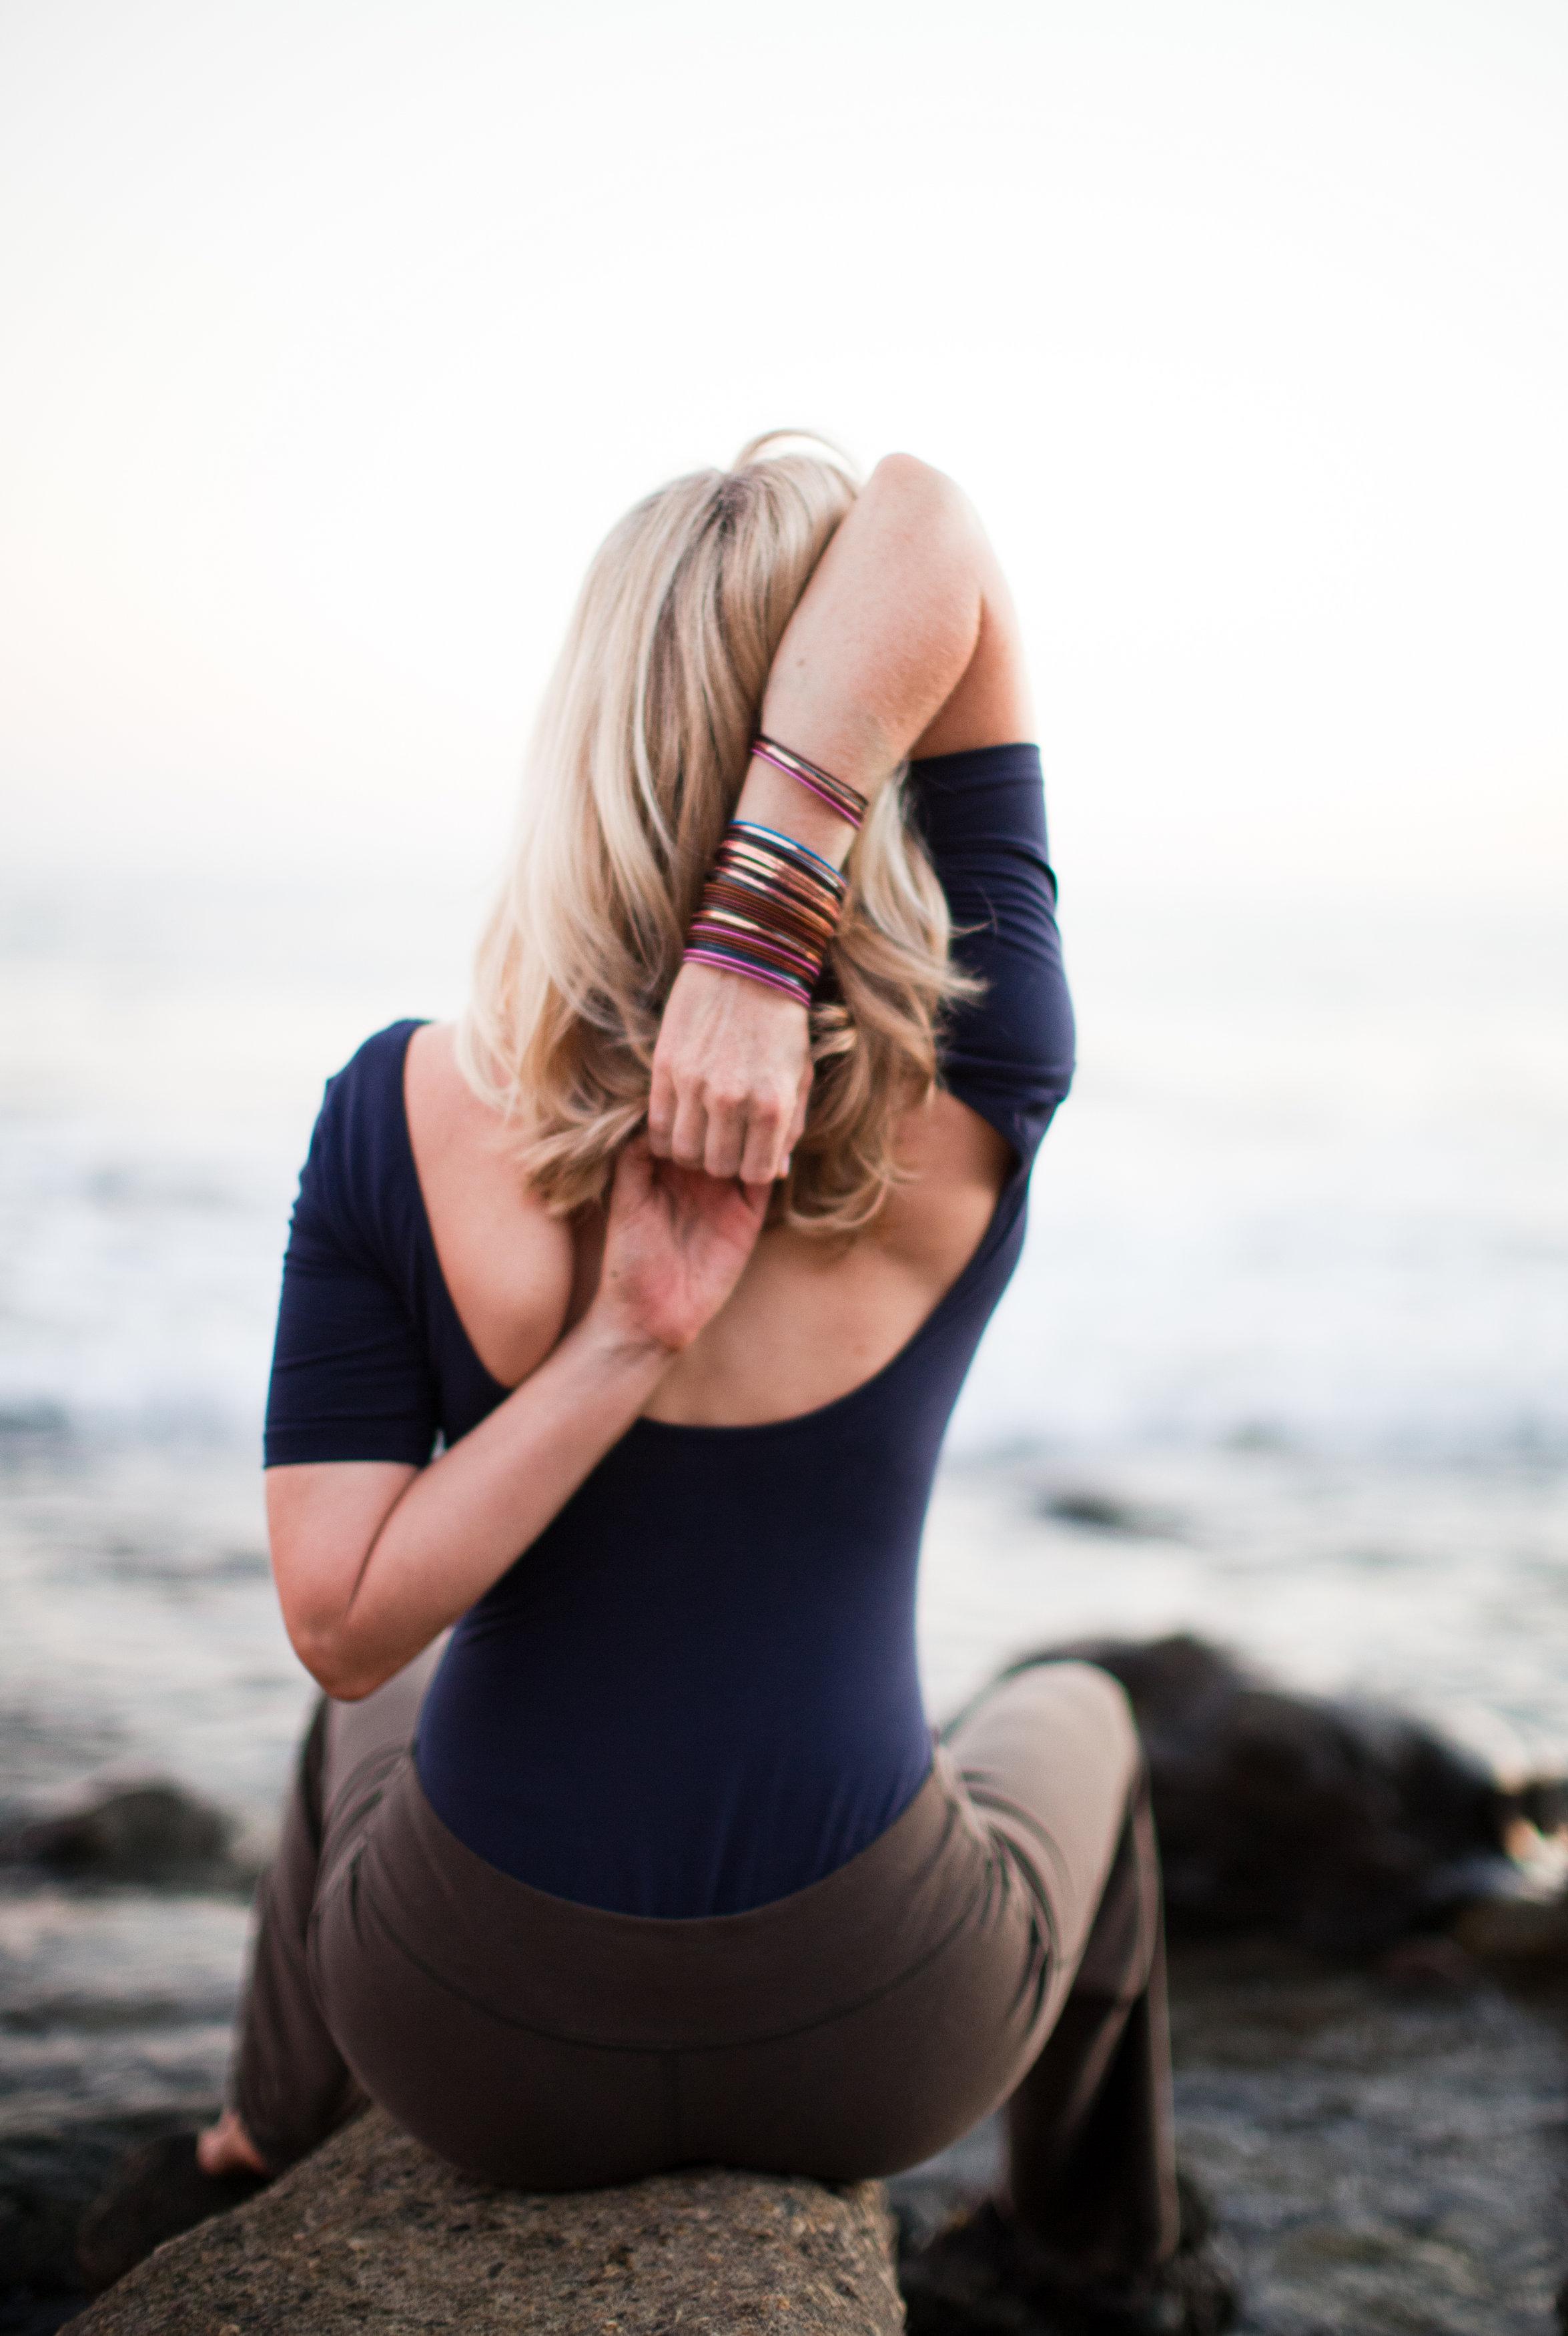 Mary O Malley Yoga-Mary O Malley Edits-0076.jpg